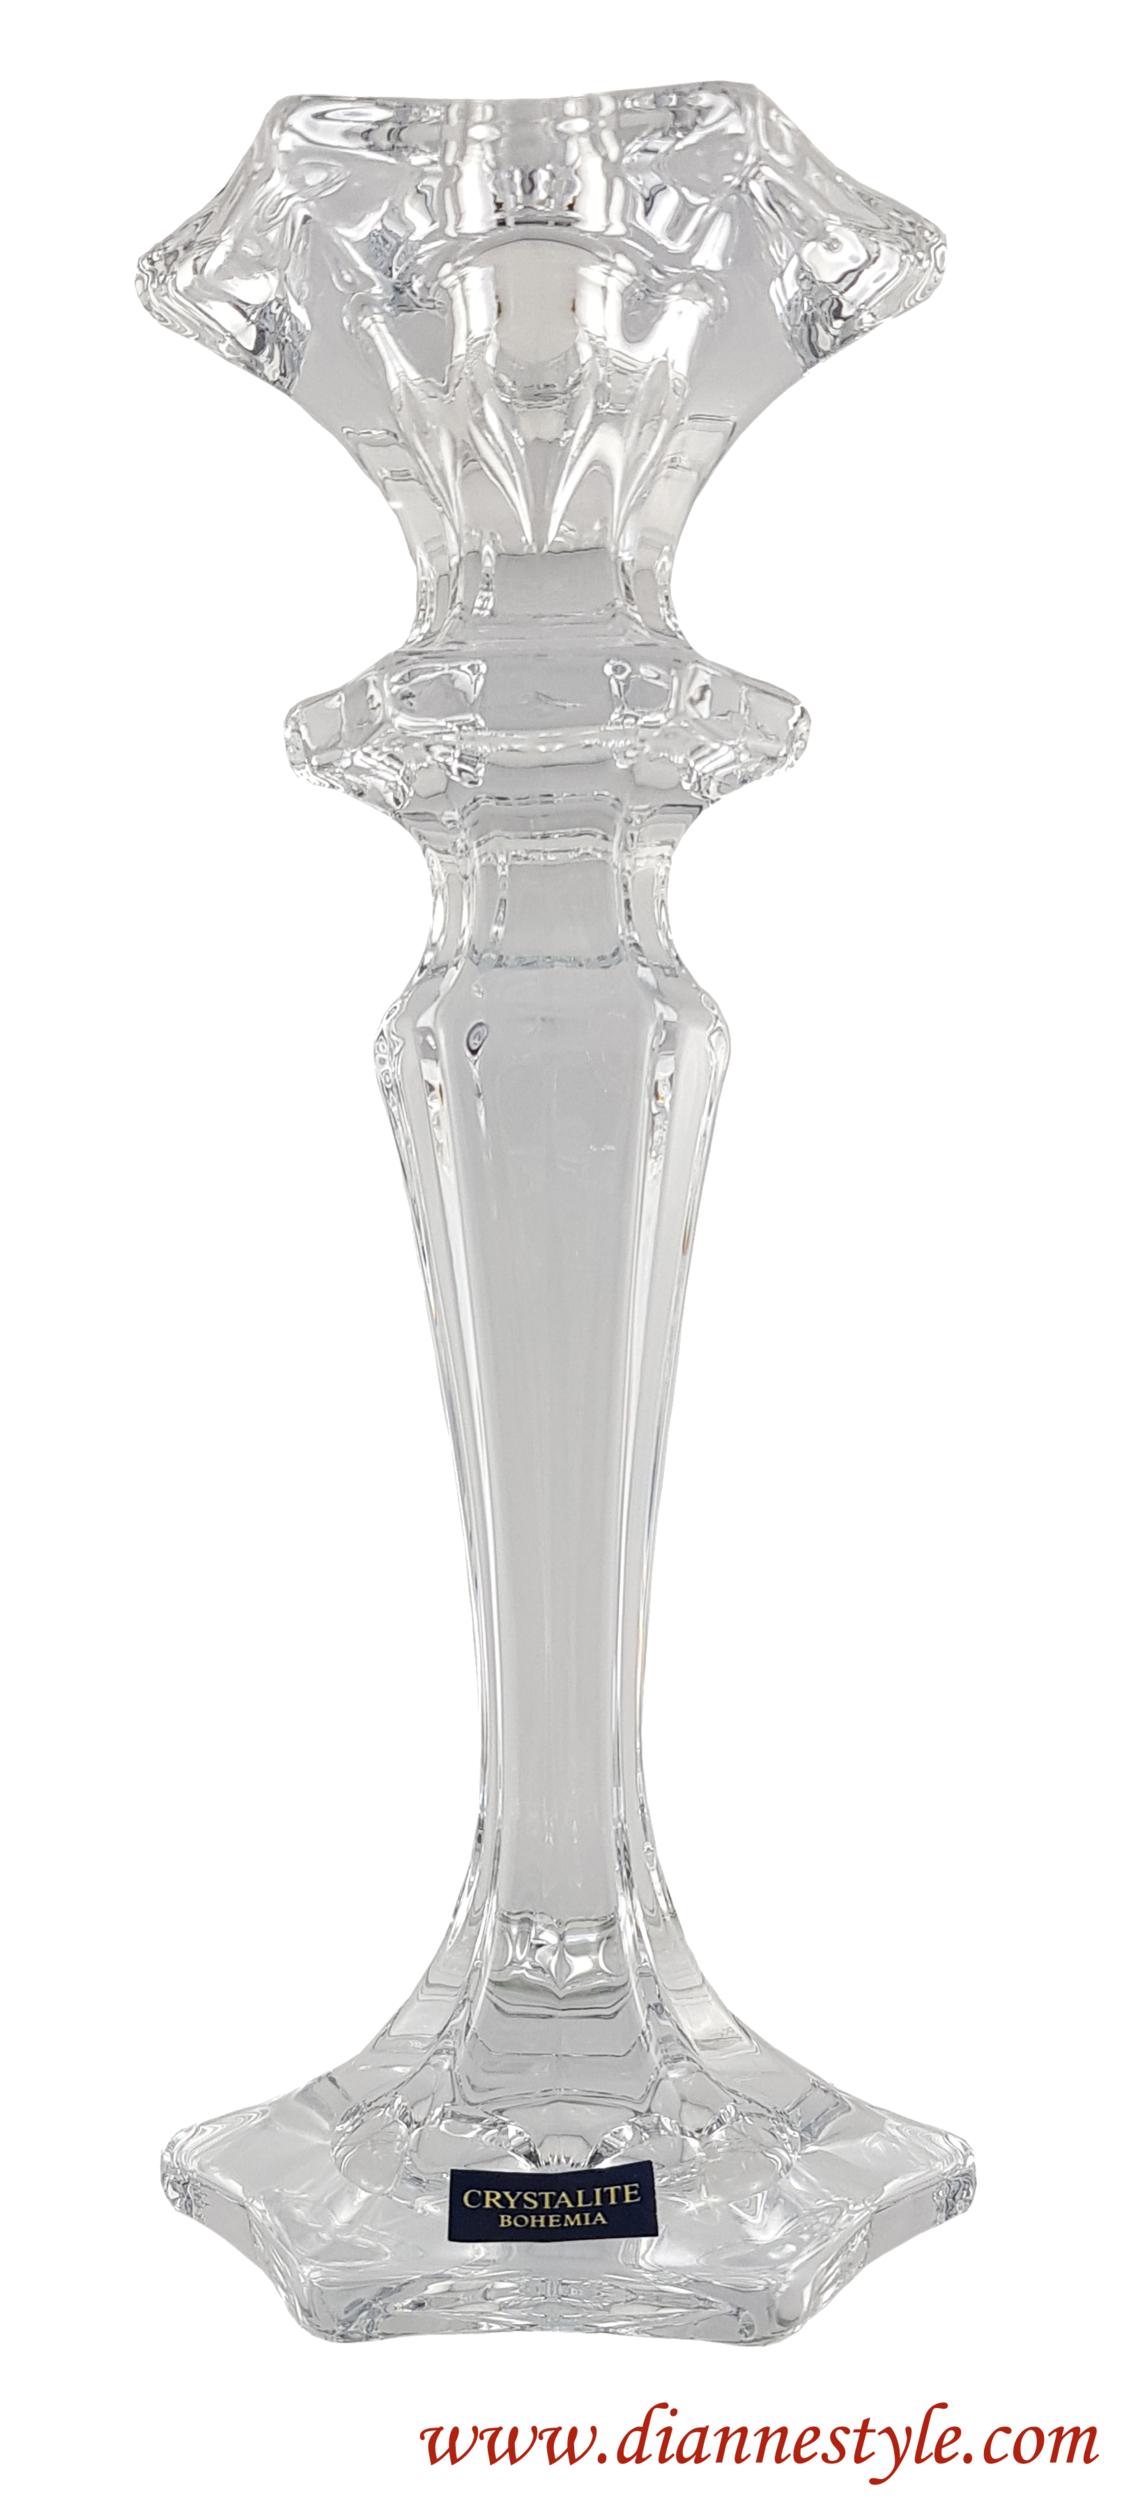 Bougeoir LUXOR en cristal de Bohême sans plomb. Réf. 178